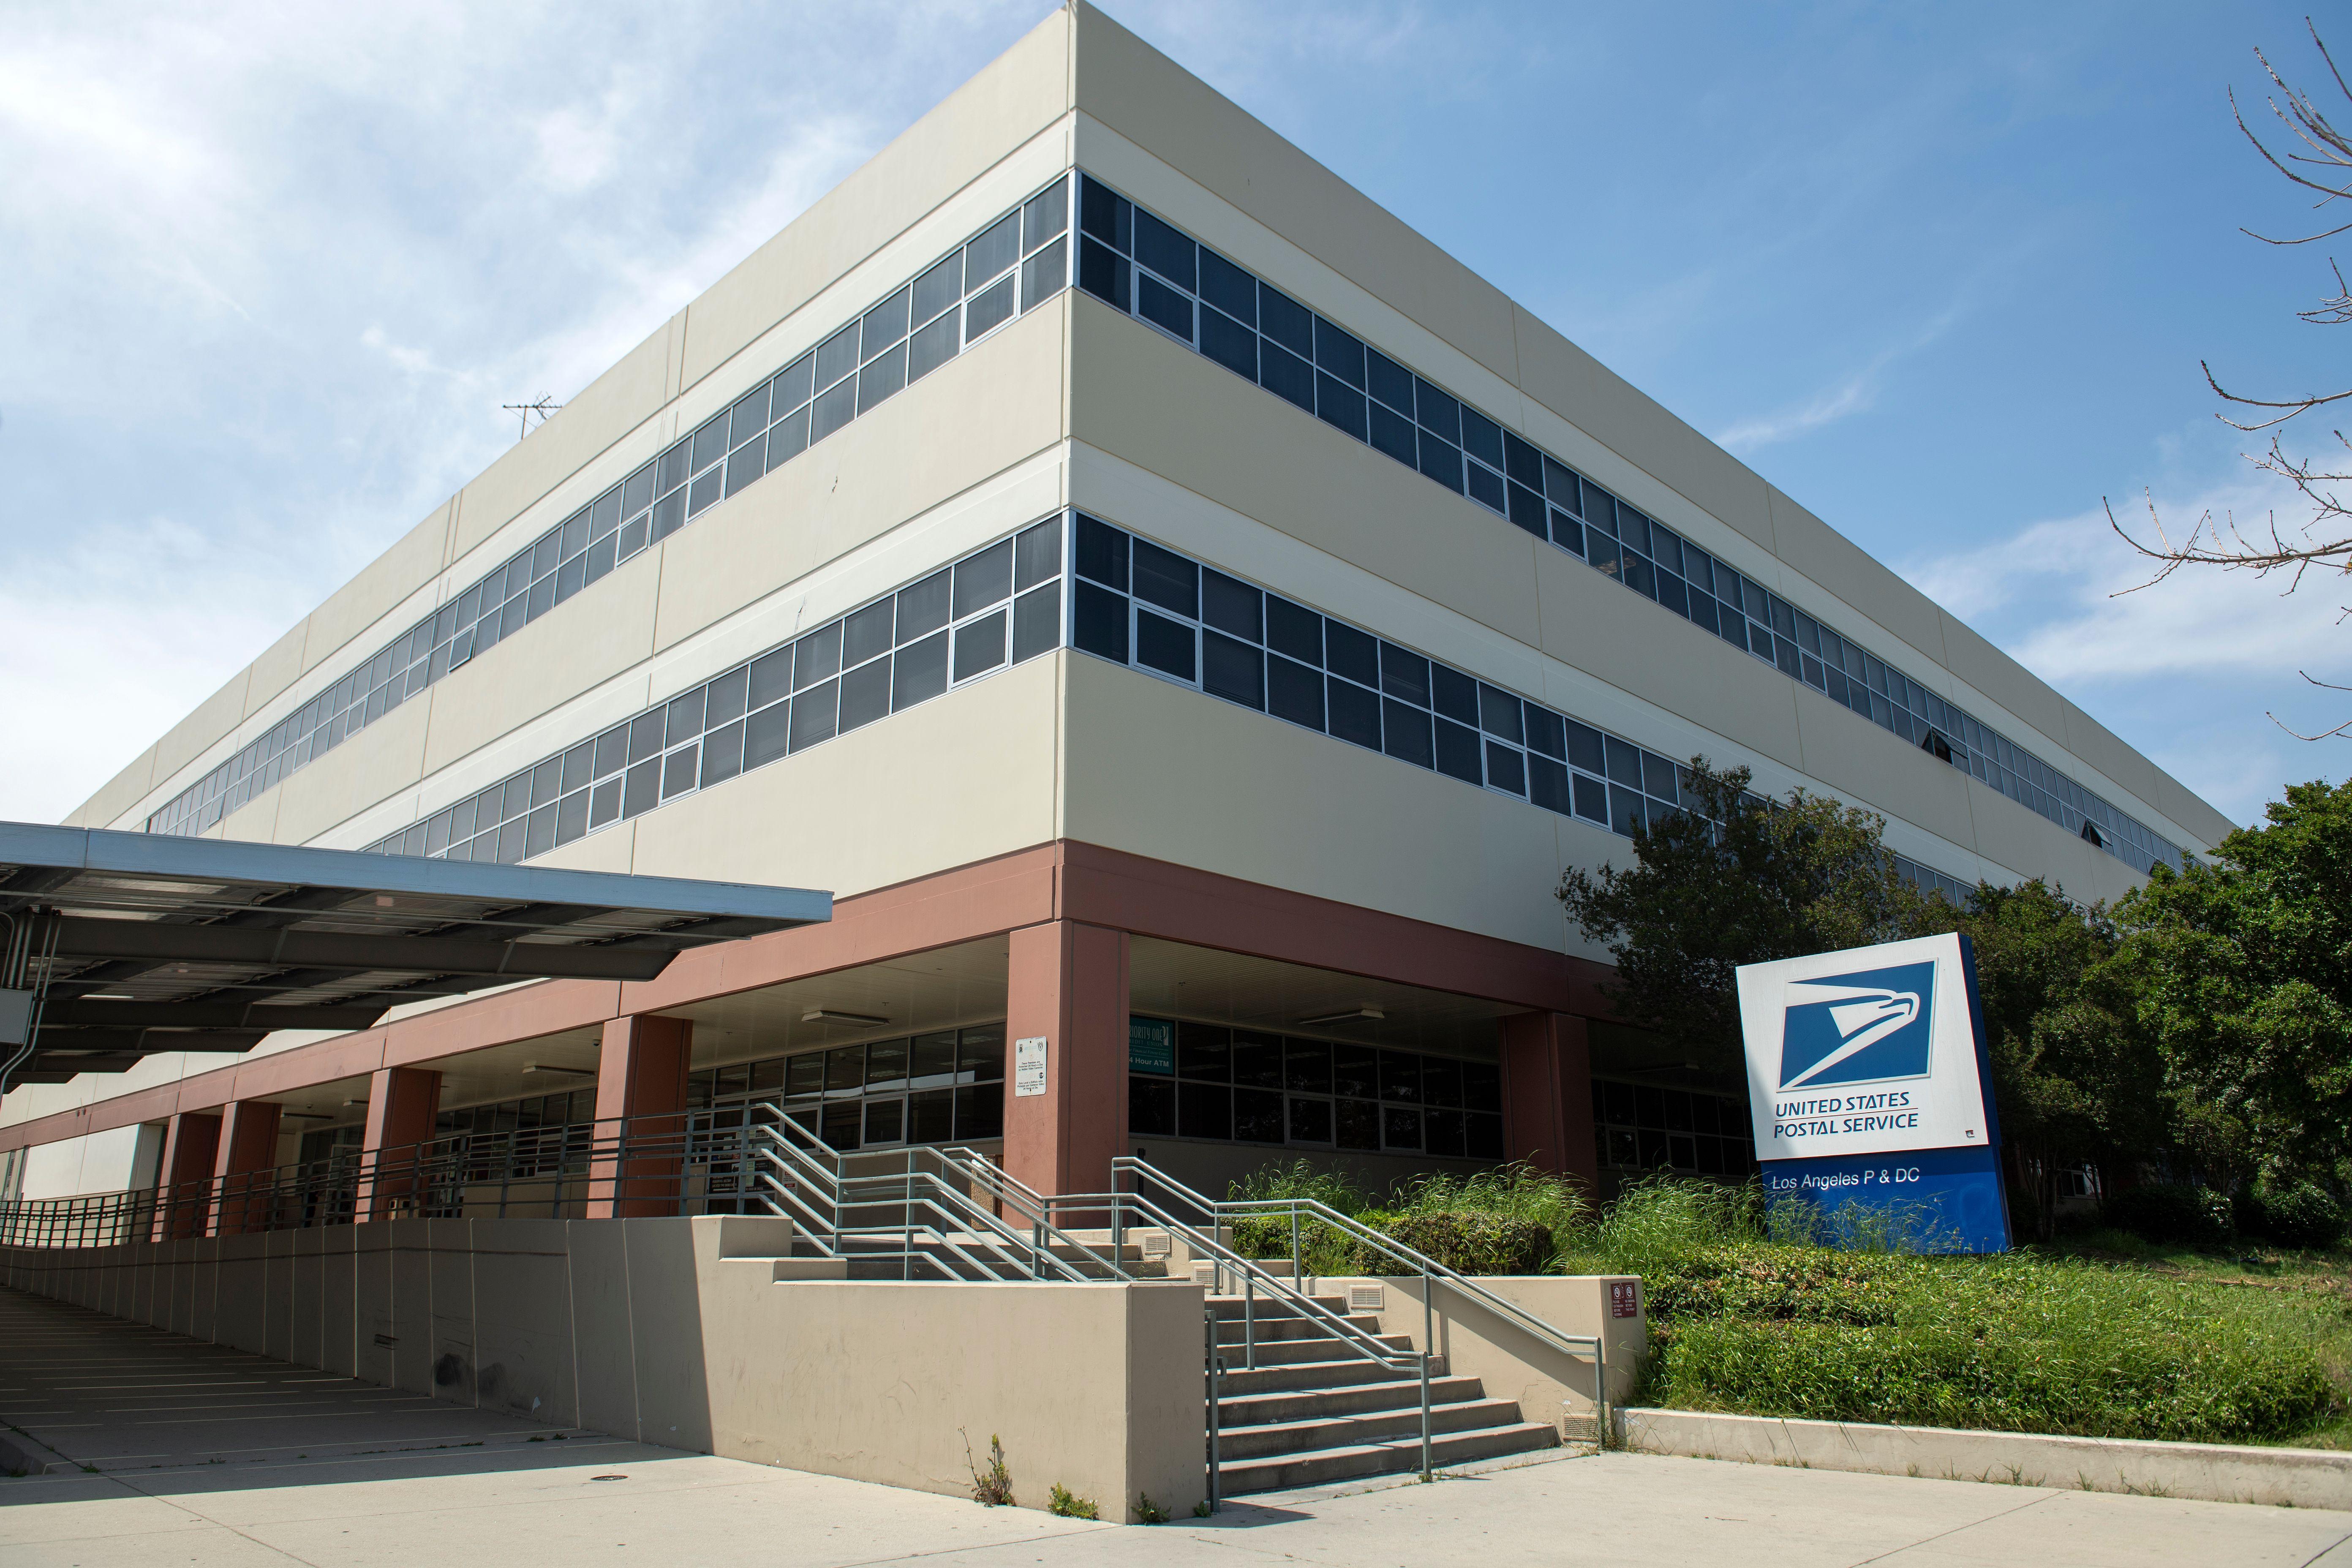 美國郵政局招聘節日員工